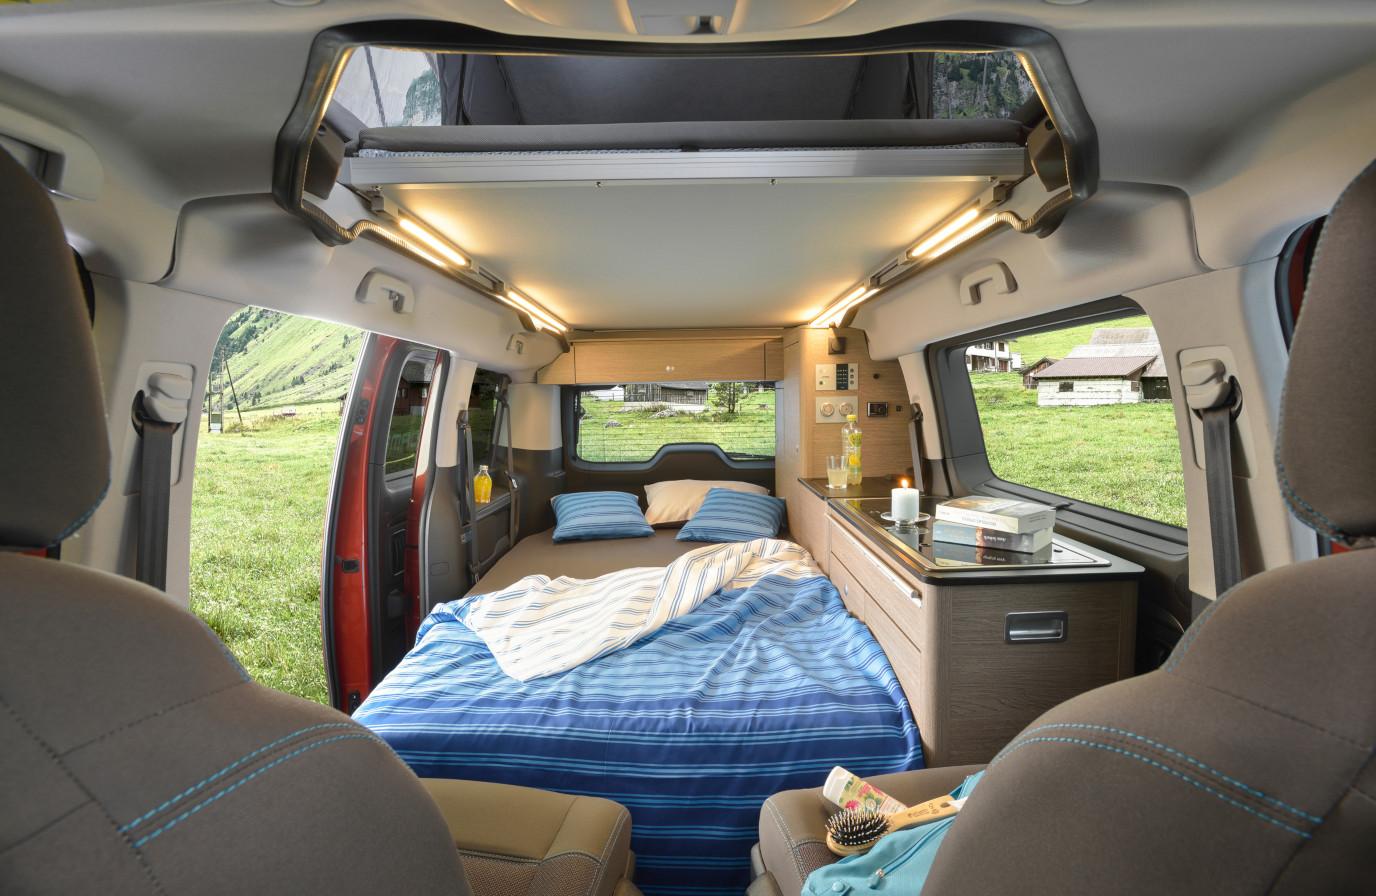 Wohnmobil mieten - Campster Schlafplatz